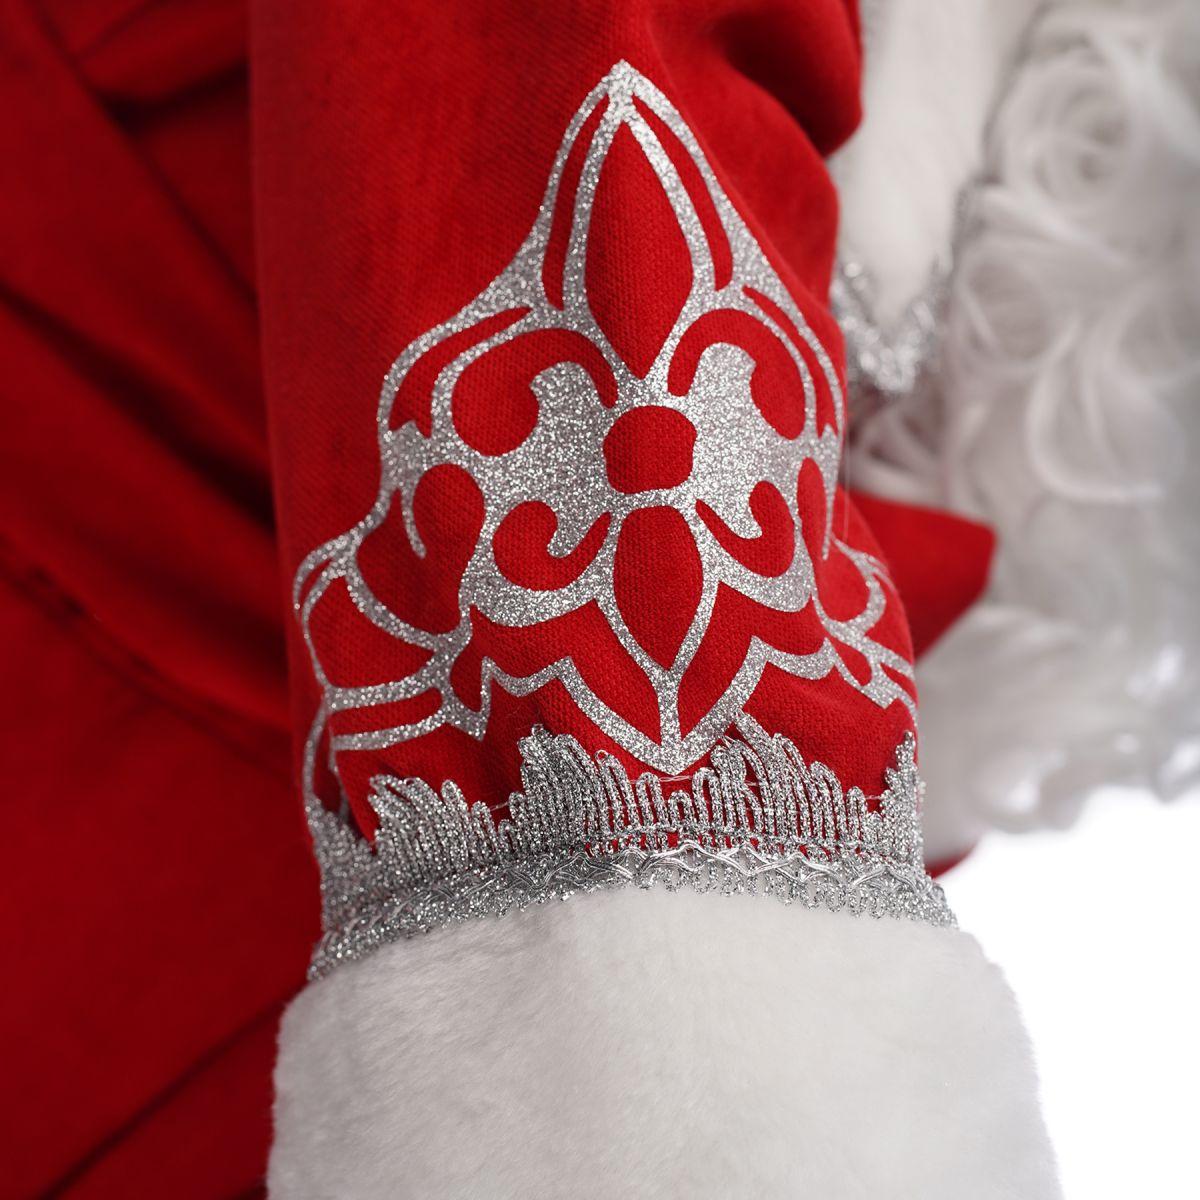 Костюм Діда Мороза Сніжний Червоний